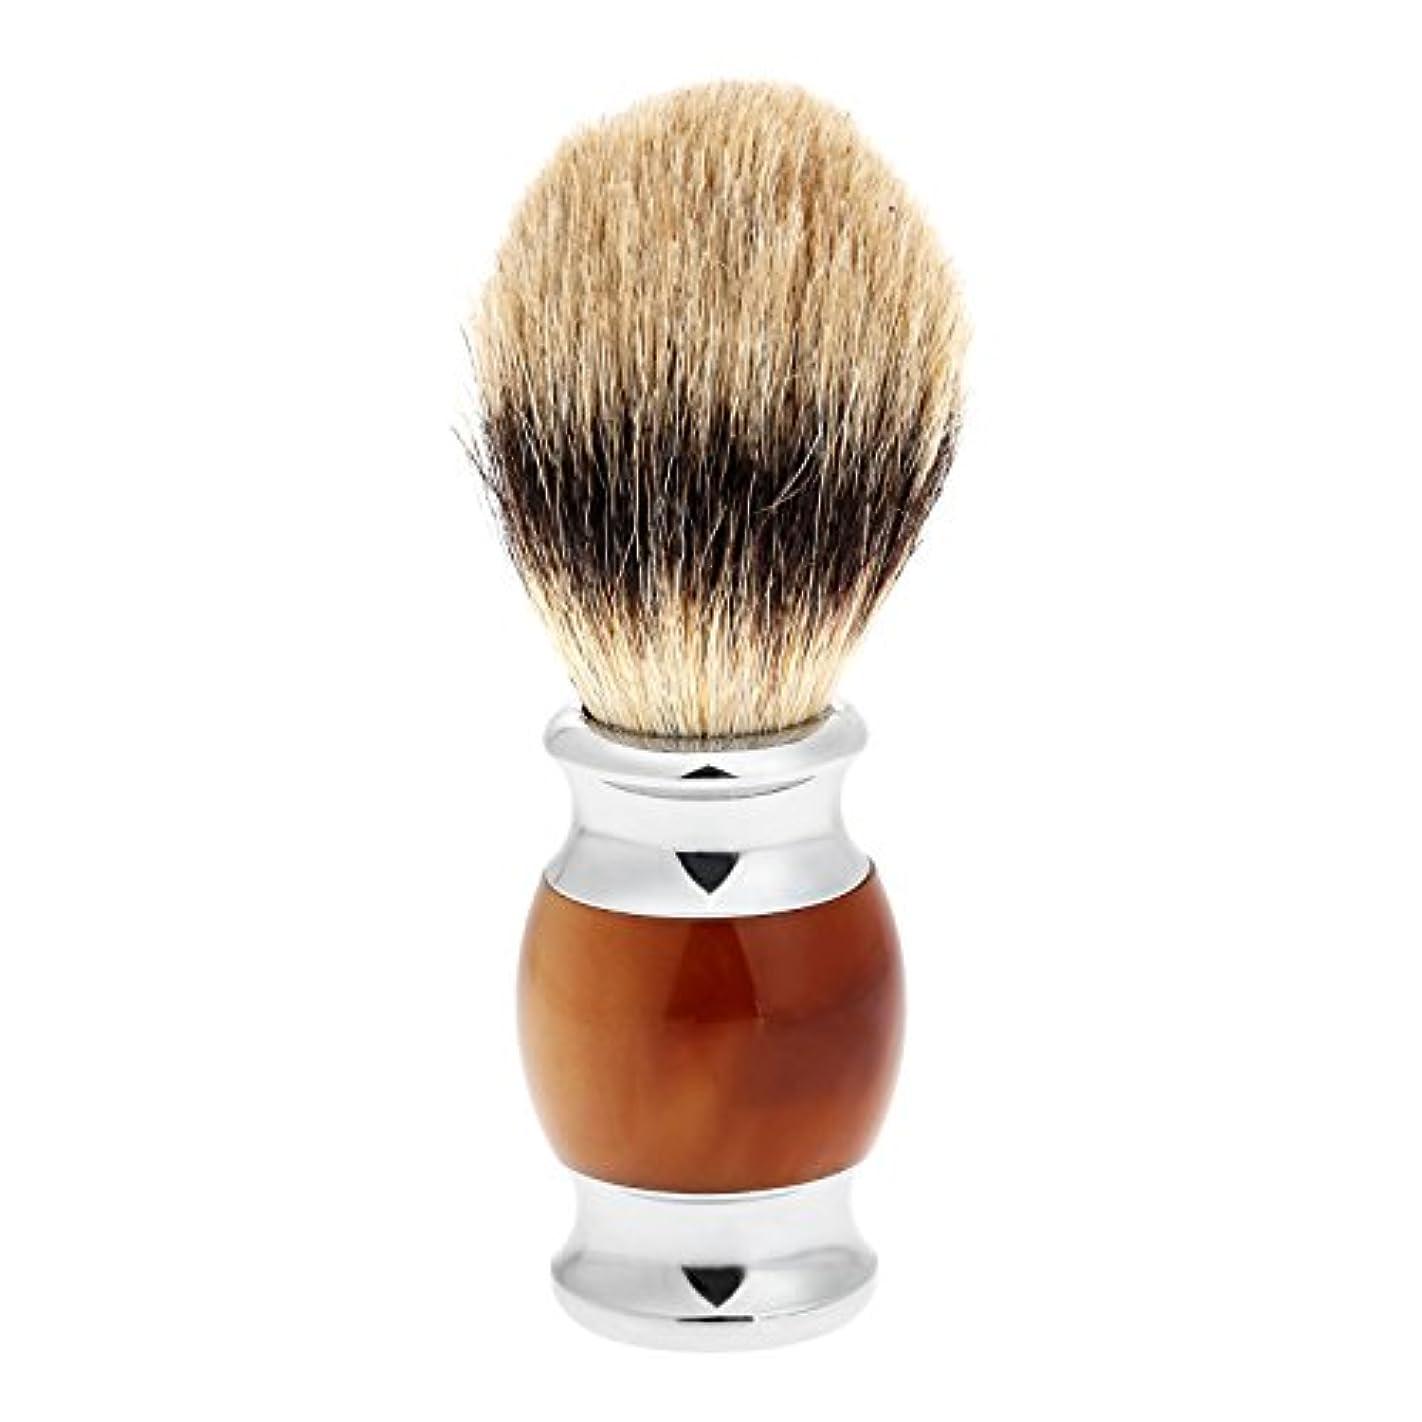 発表エトナ山腸1PC メンズ ひげブラシ アナグマ毛 シェービングブラシ バーバー シェービング用ブラシ 理容 洗顔 髭剃り